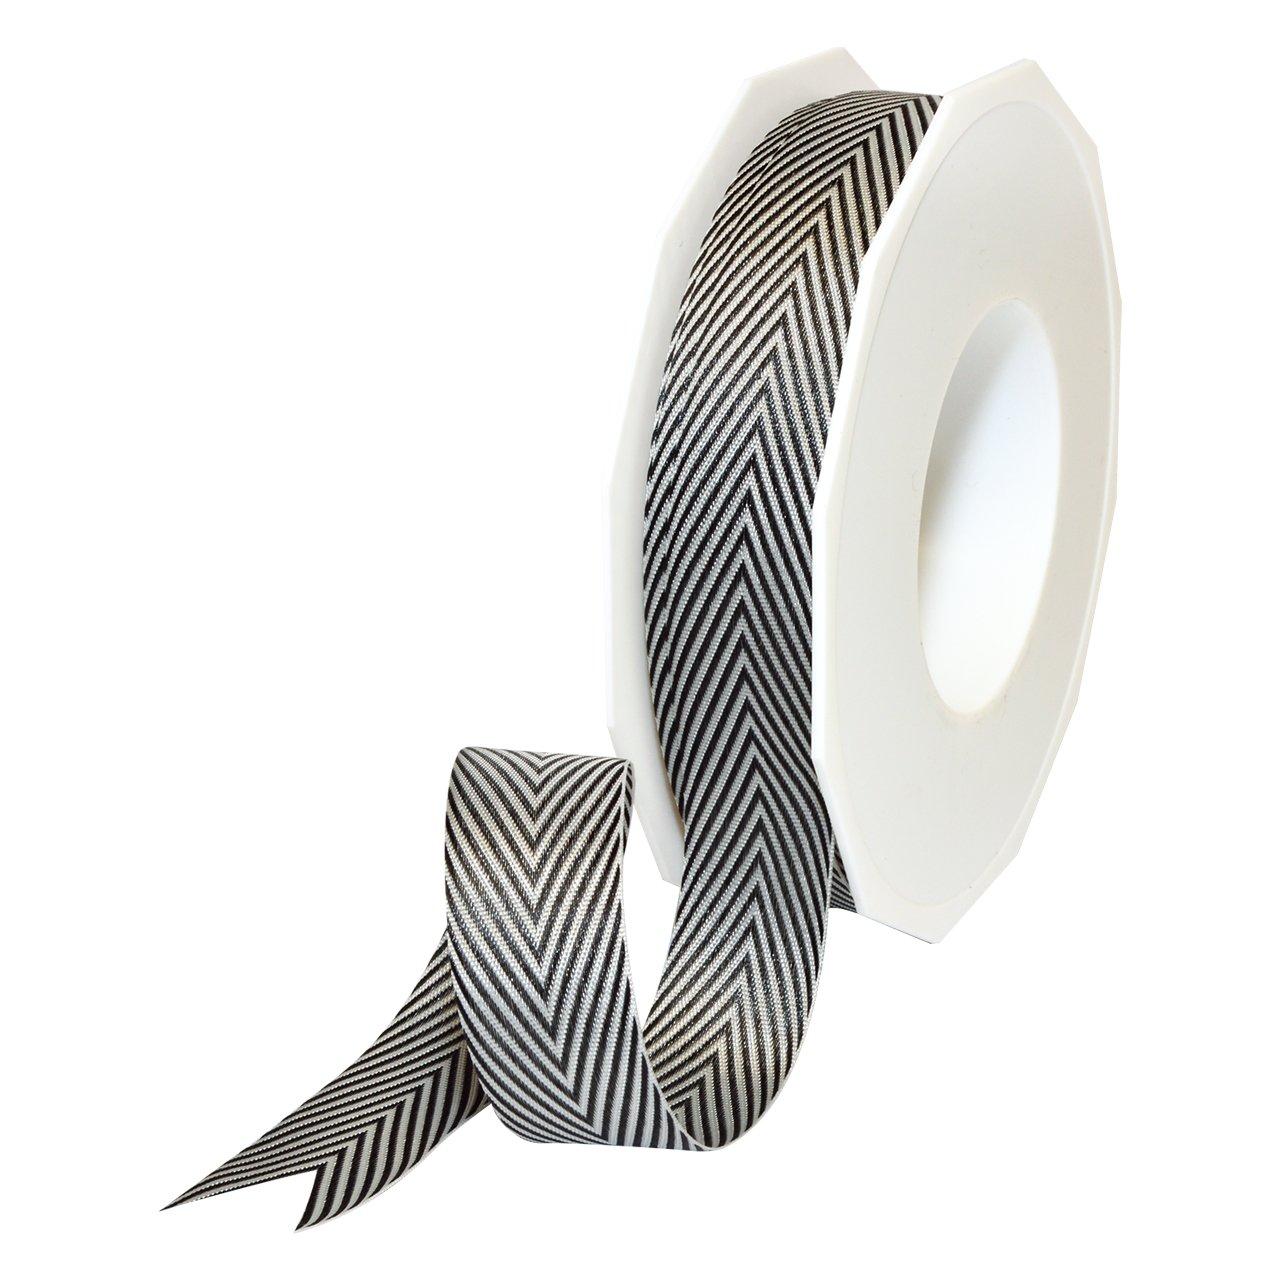 Morex Ribbon 2219.22/25-613 ヘリンボーンポリエステル 7/8インチ x 25ヤード ブラック   B0196D4IY0